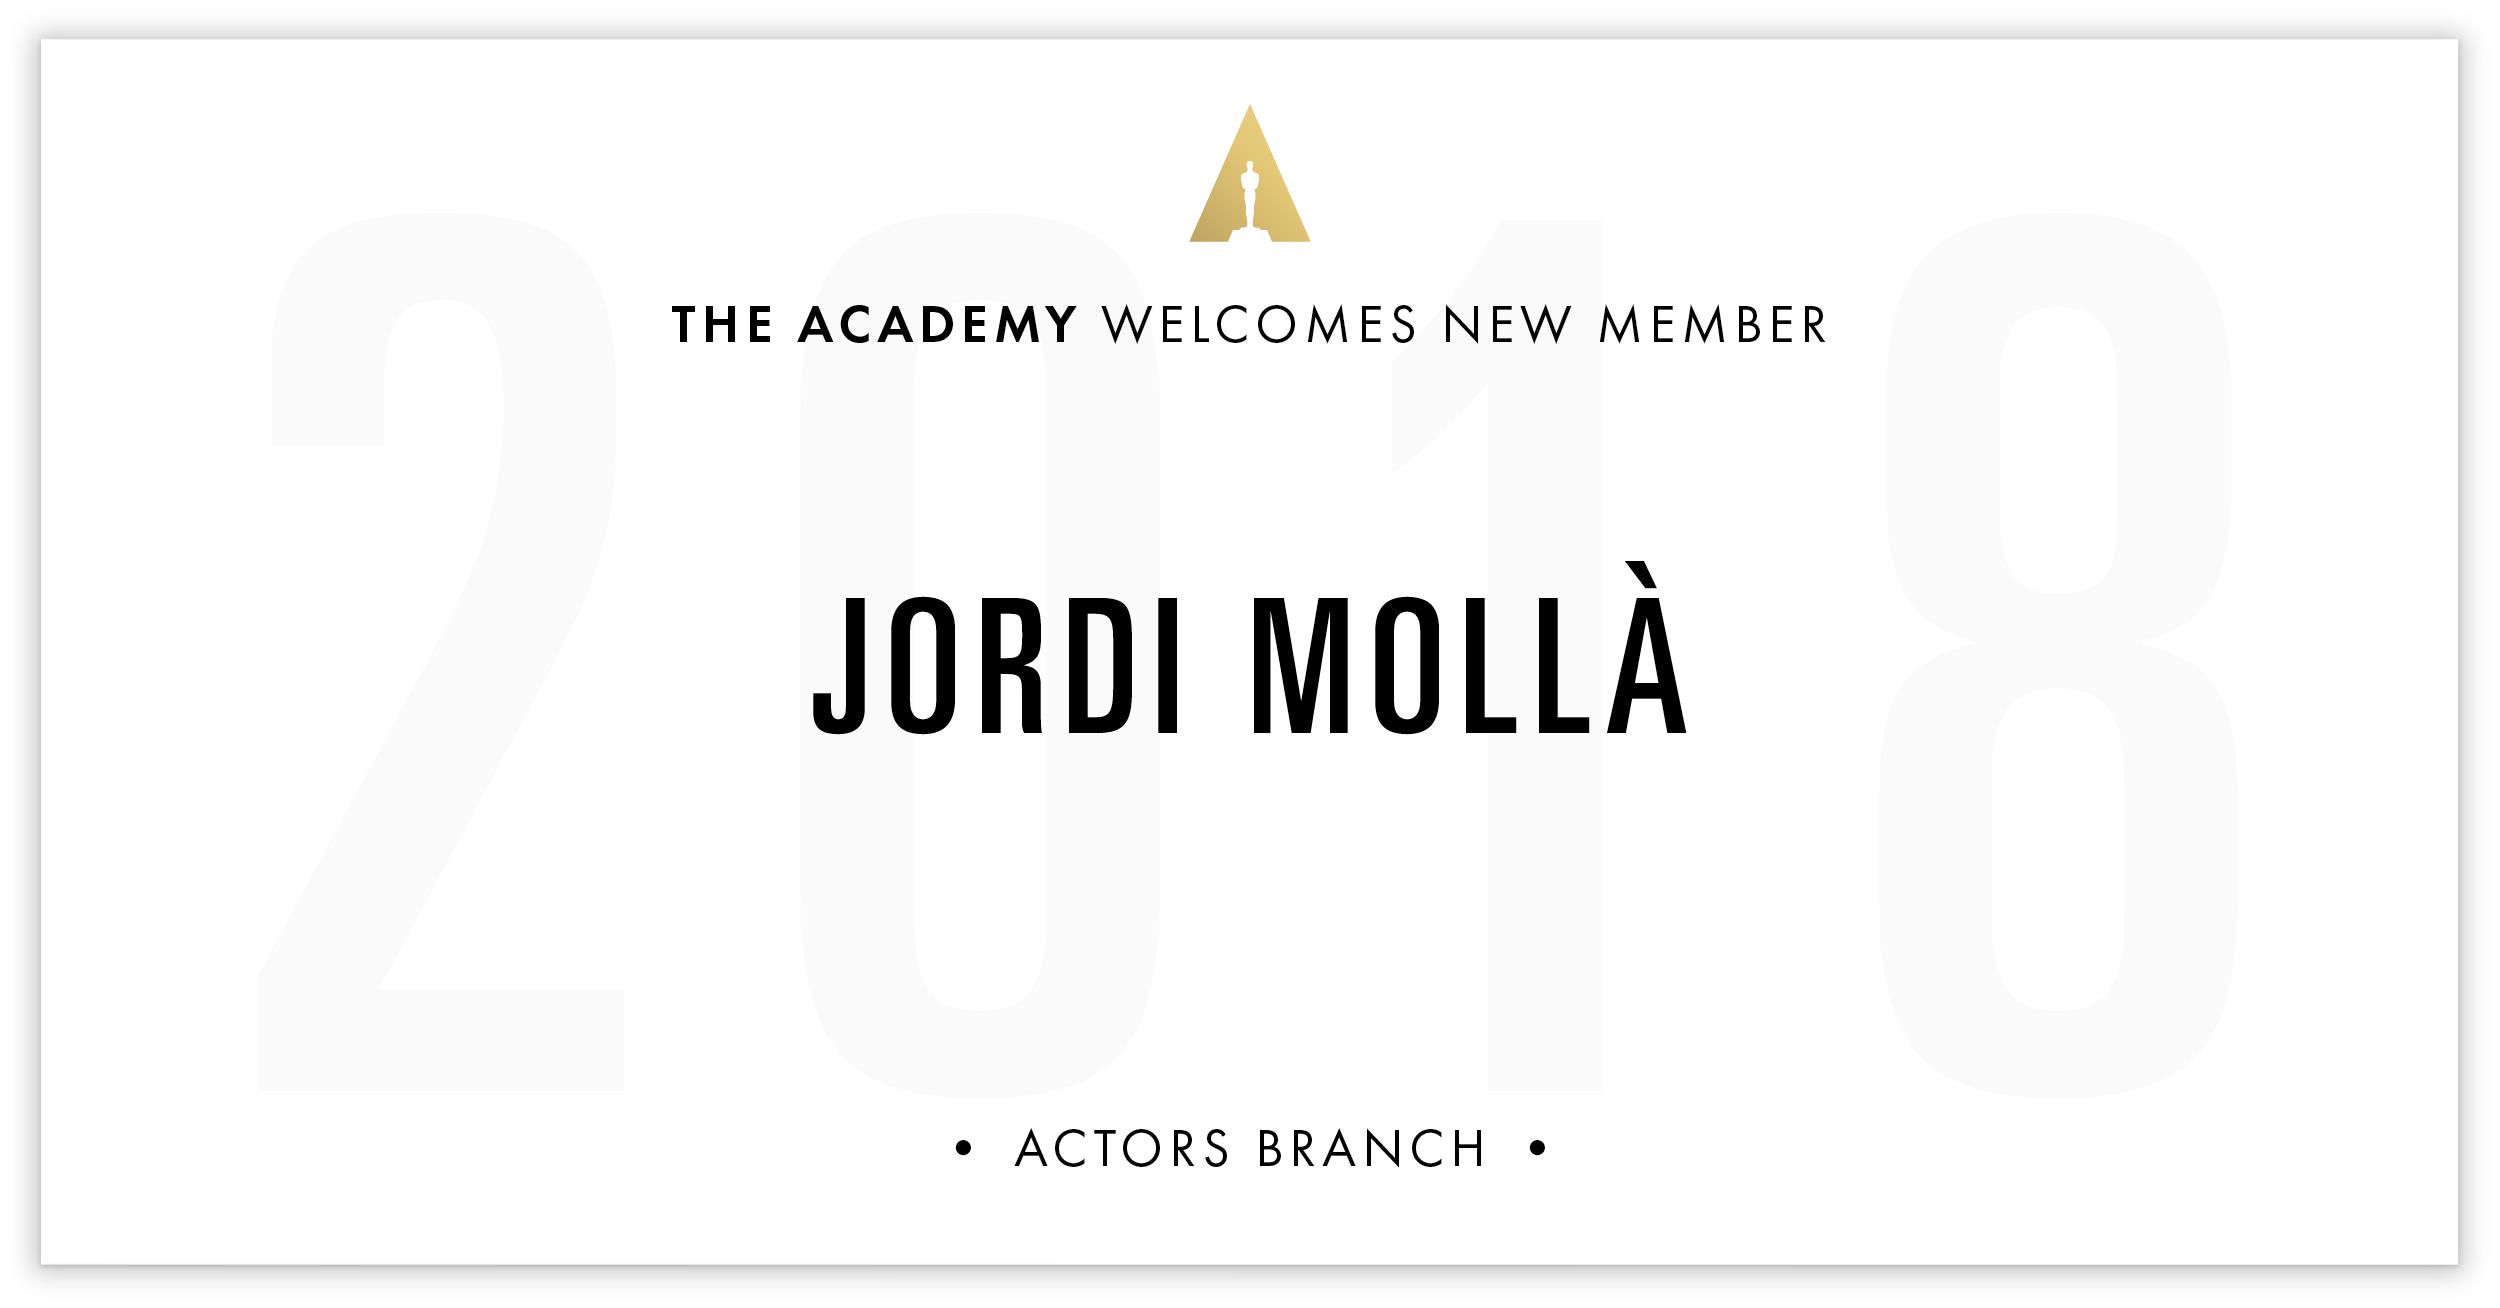 Jordi Mollà is invited!